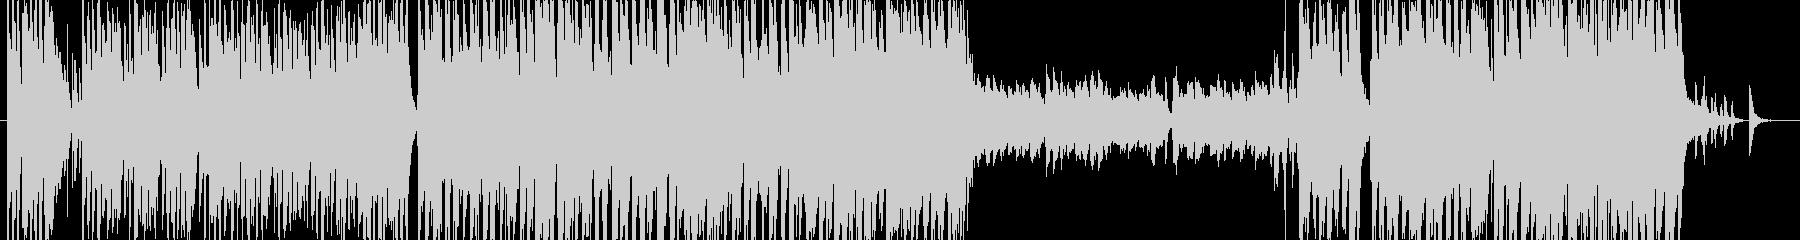 トランペットメインの軽快スウィングジャズの未再生の波形